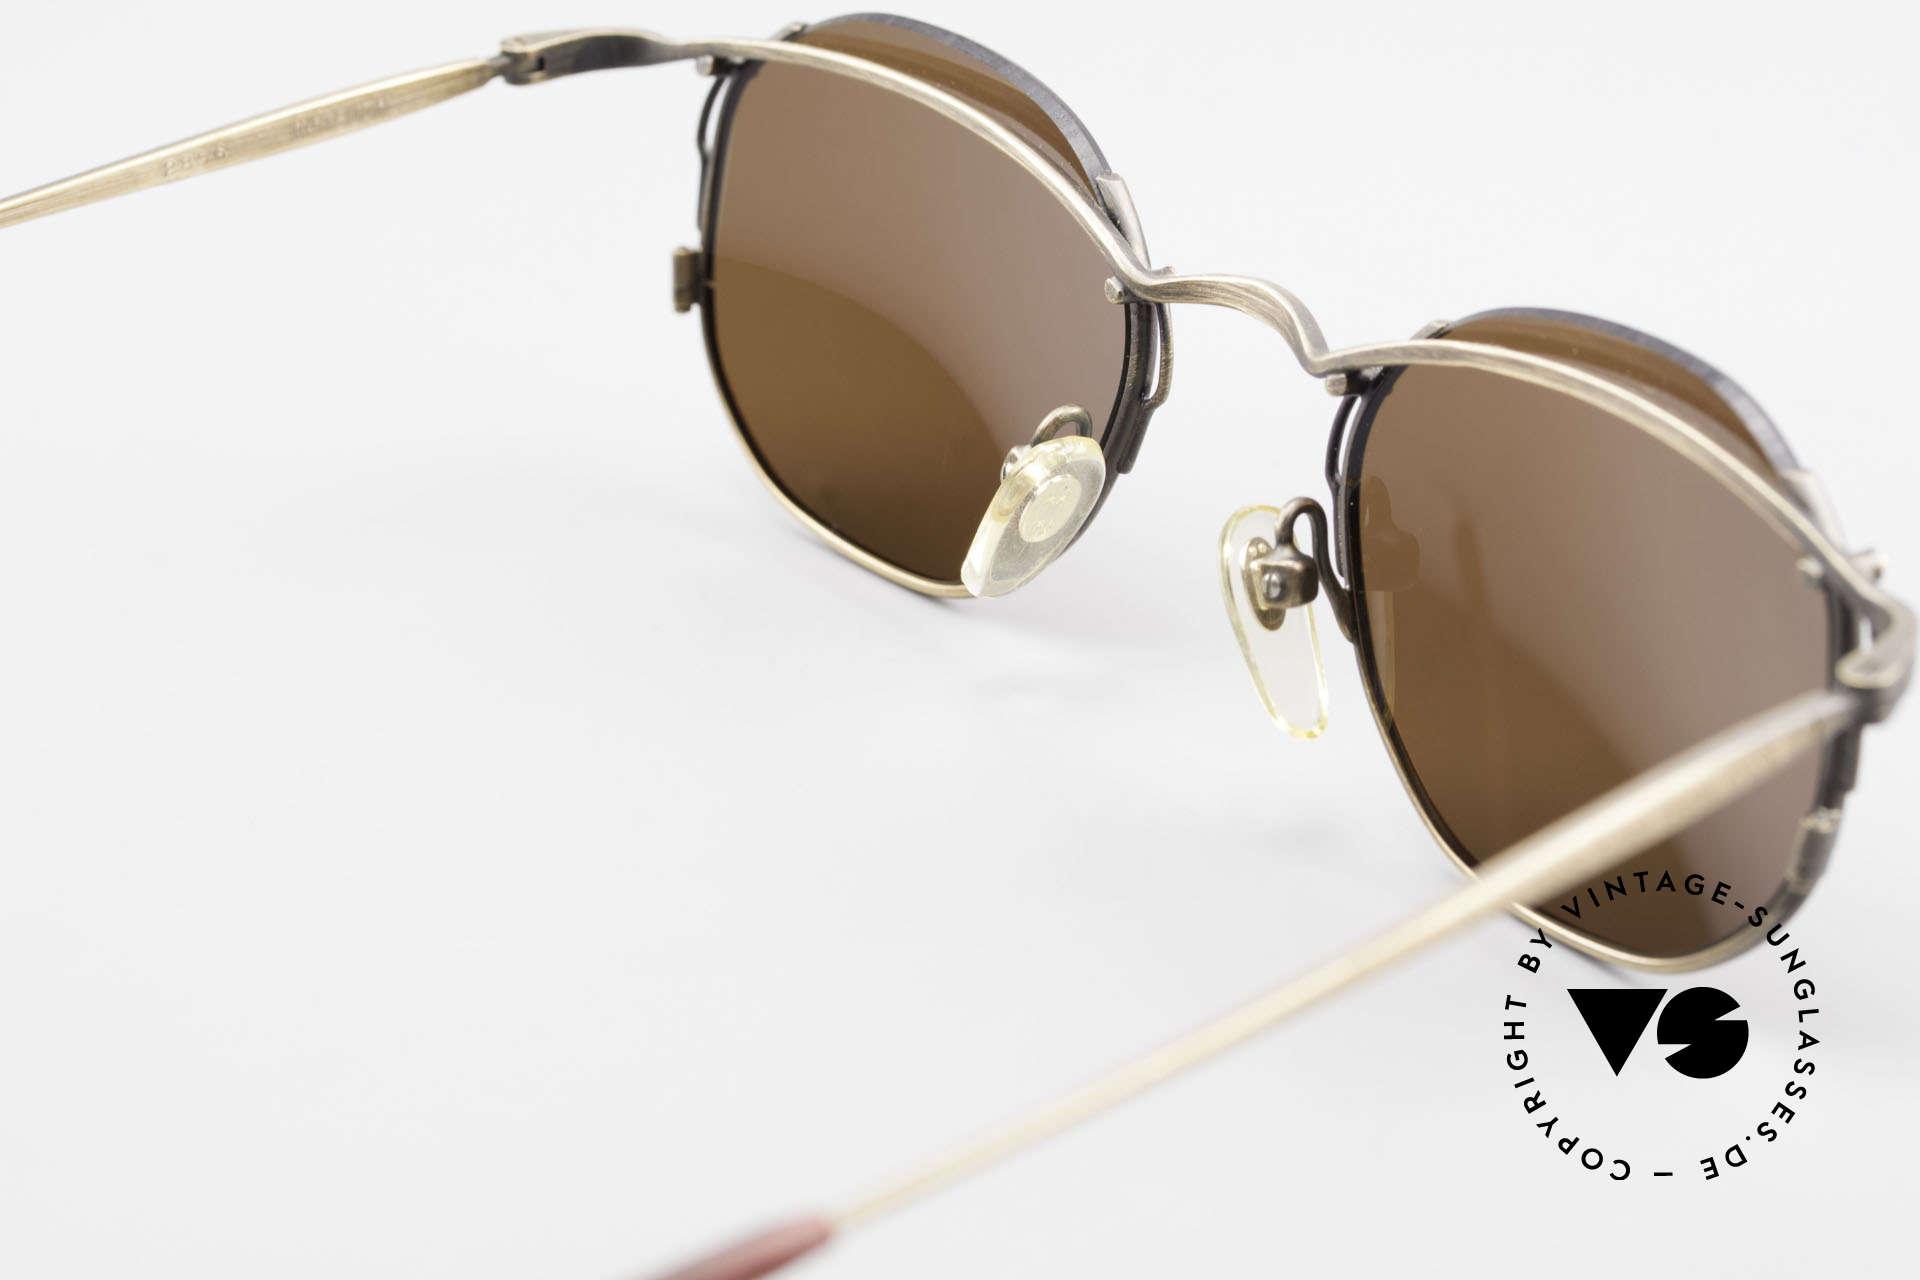 Matsuda 2856 Rare Vintage Sonnenbrille, Größe: medium, Passend für Herren und Damen